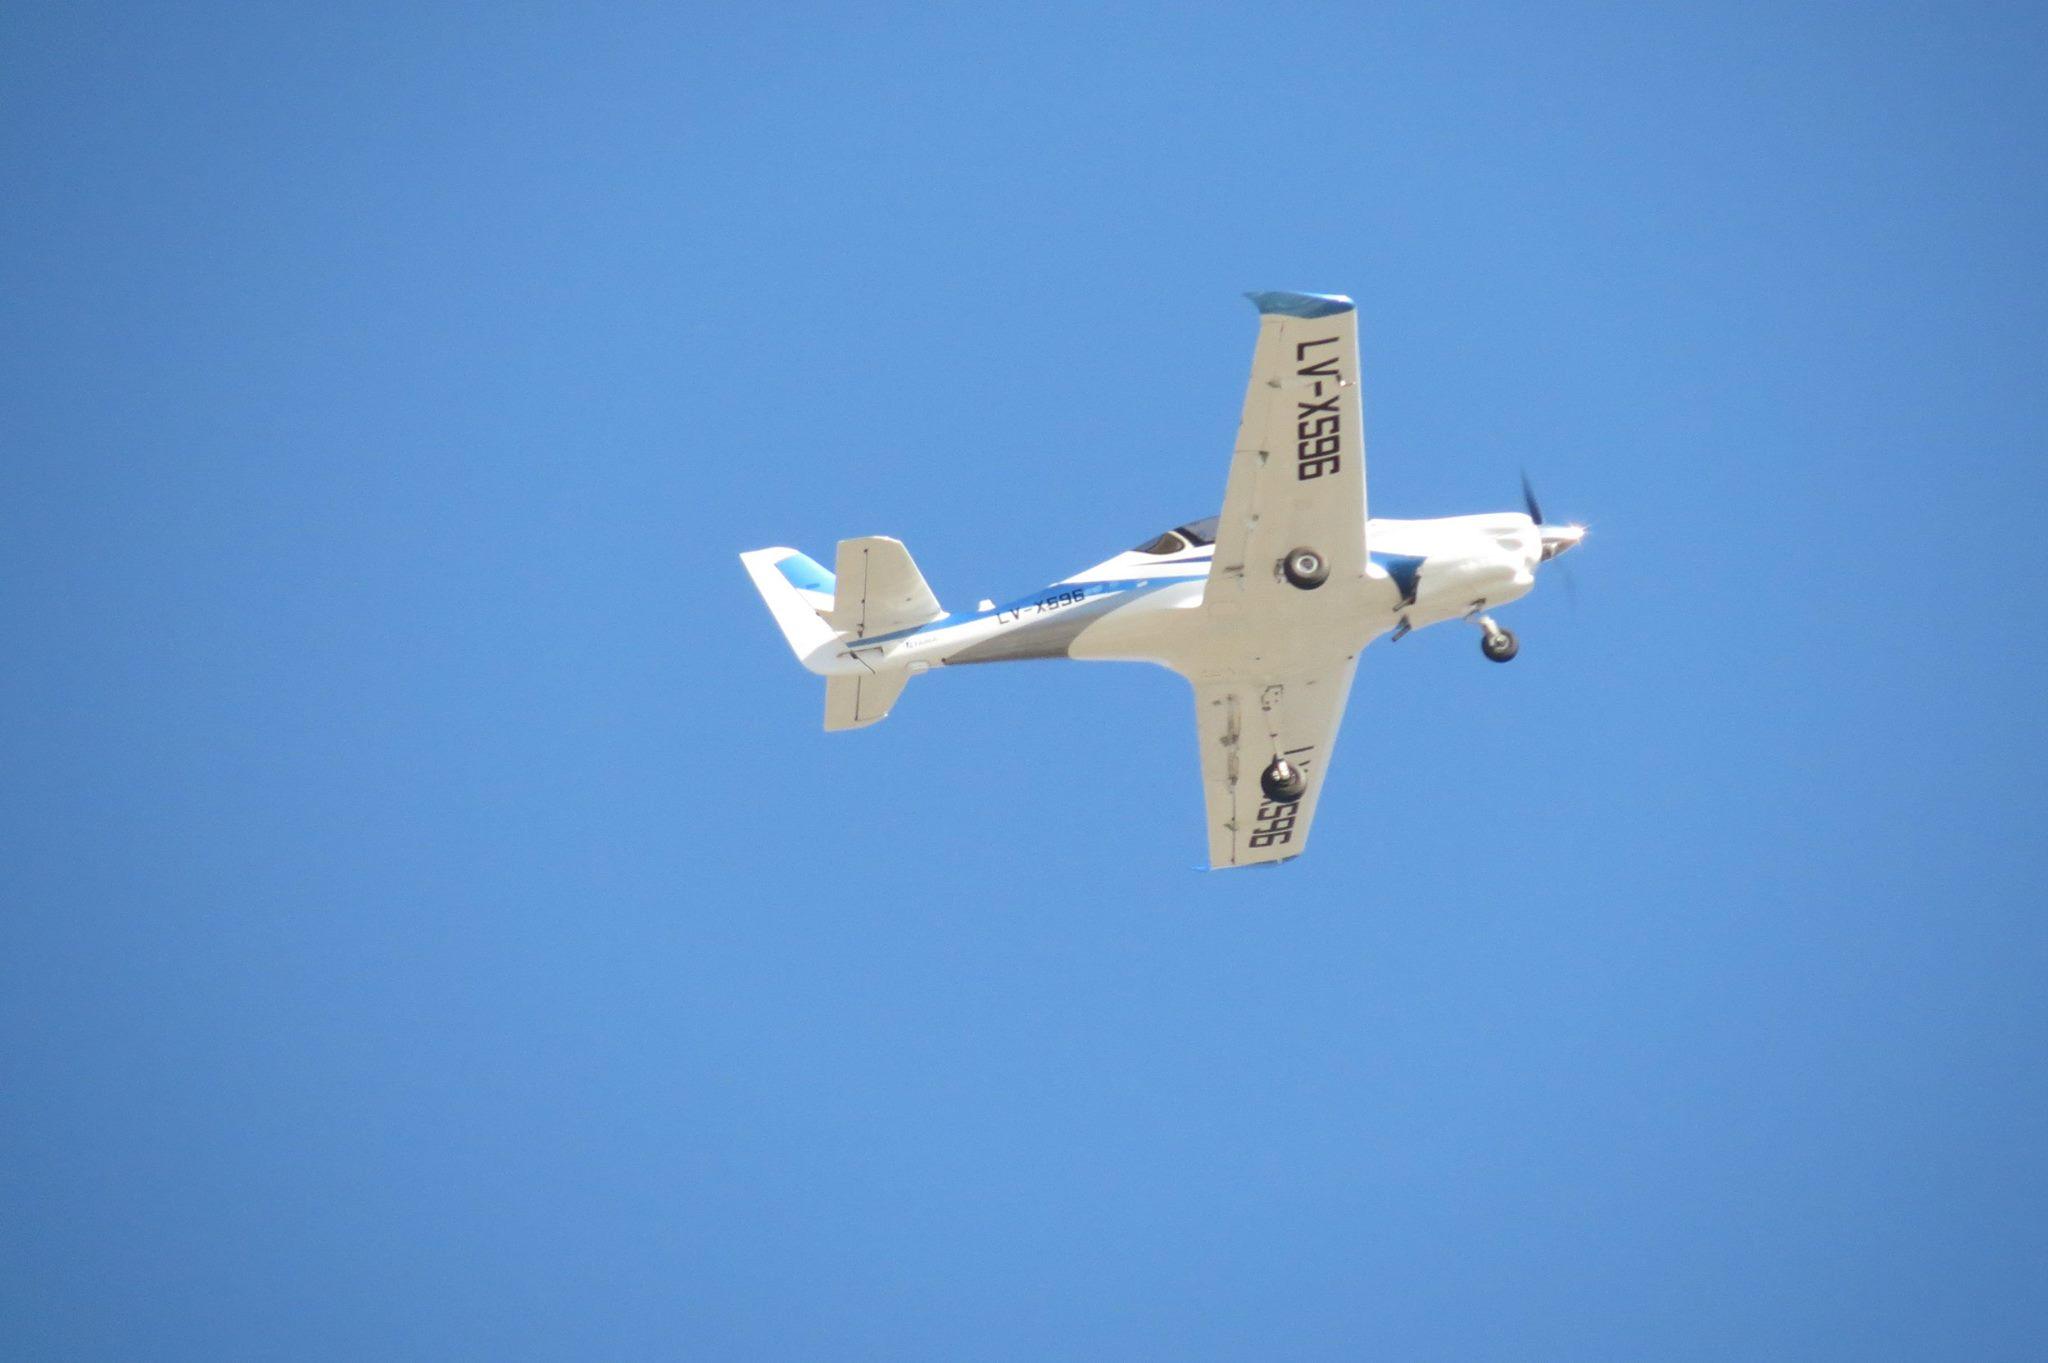 Первый прототип-демонстратор нового аргентинского легкого учебно-тренировочного самолета FAdeA IA-100 (бортовой номер LV-X596) в первом полете и после него. Кордоба (Аргентина), 08.08.2016 (с) Fábrica Argentina de Aviones